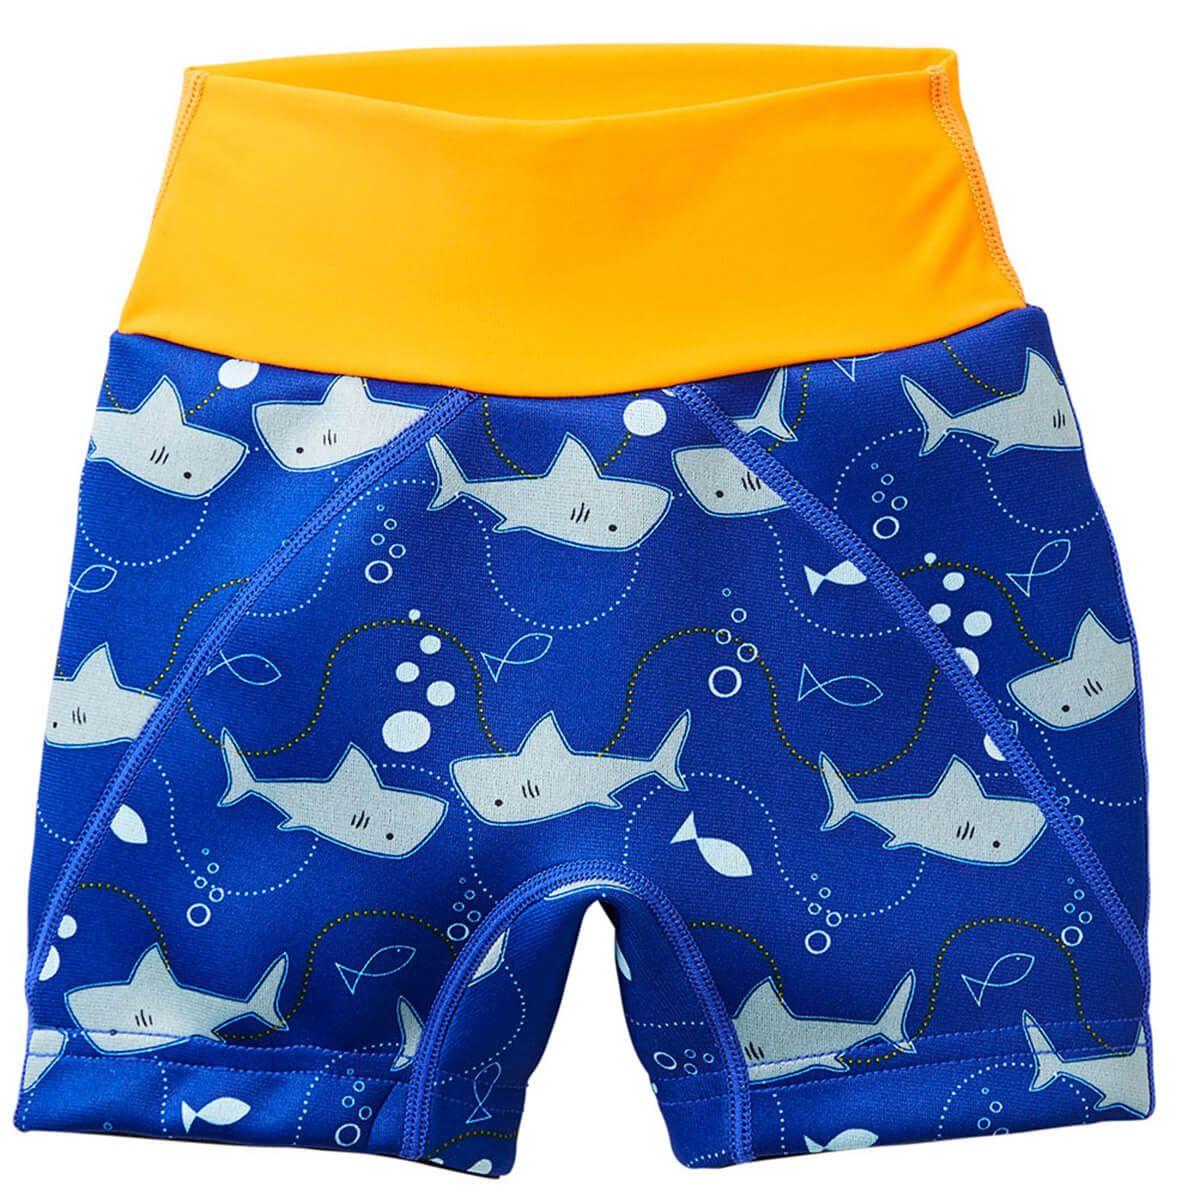 f2f9f54a44 Splash Jammers Shark Orange |Toddler Swim Nappy Shorts